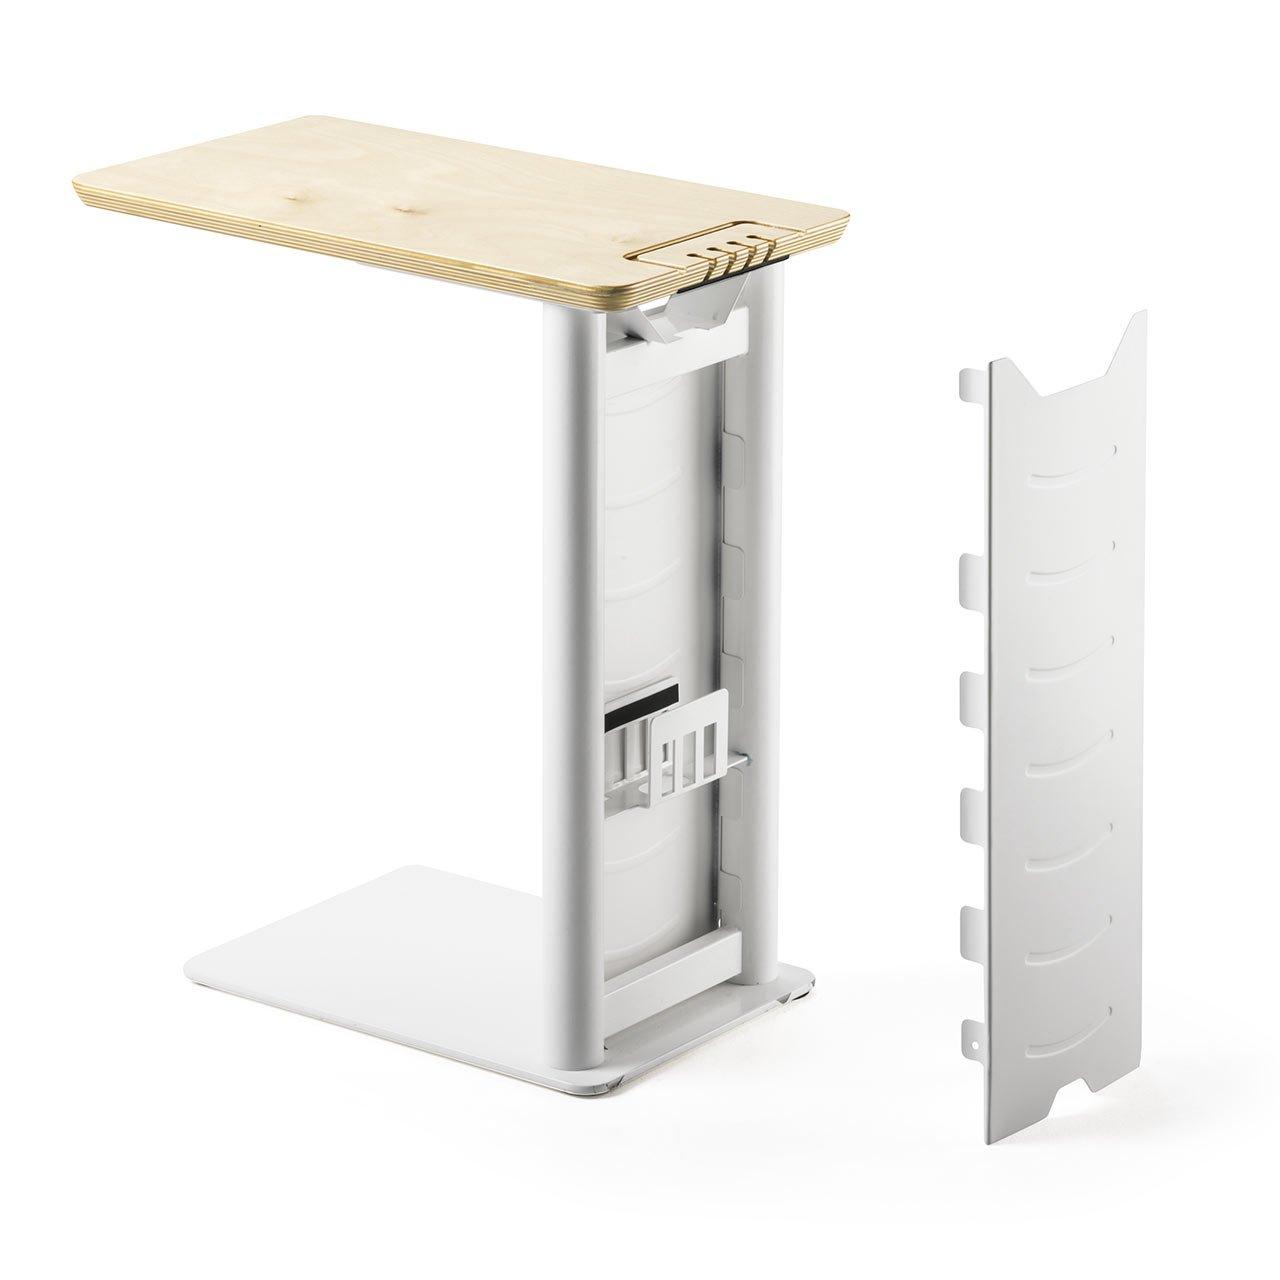 サンワダイレクト サイドテーブル ソファ ベッド USB充電器収納 充電スタンド 天然木 ホワイト 200-STN030W B07B8WSRZ3 高さ52cm(ホワイト)